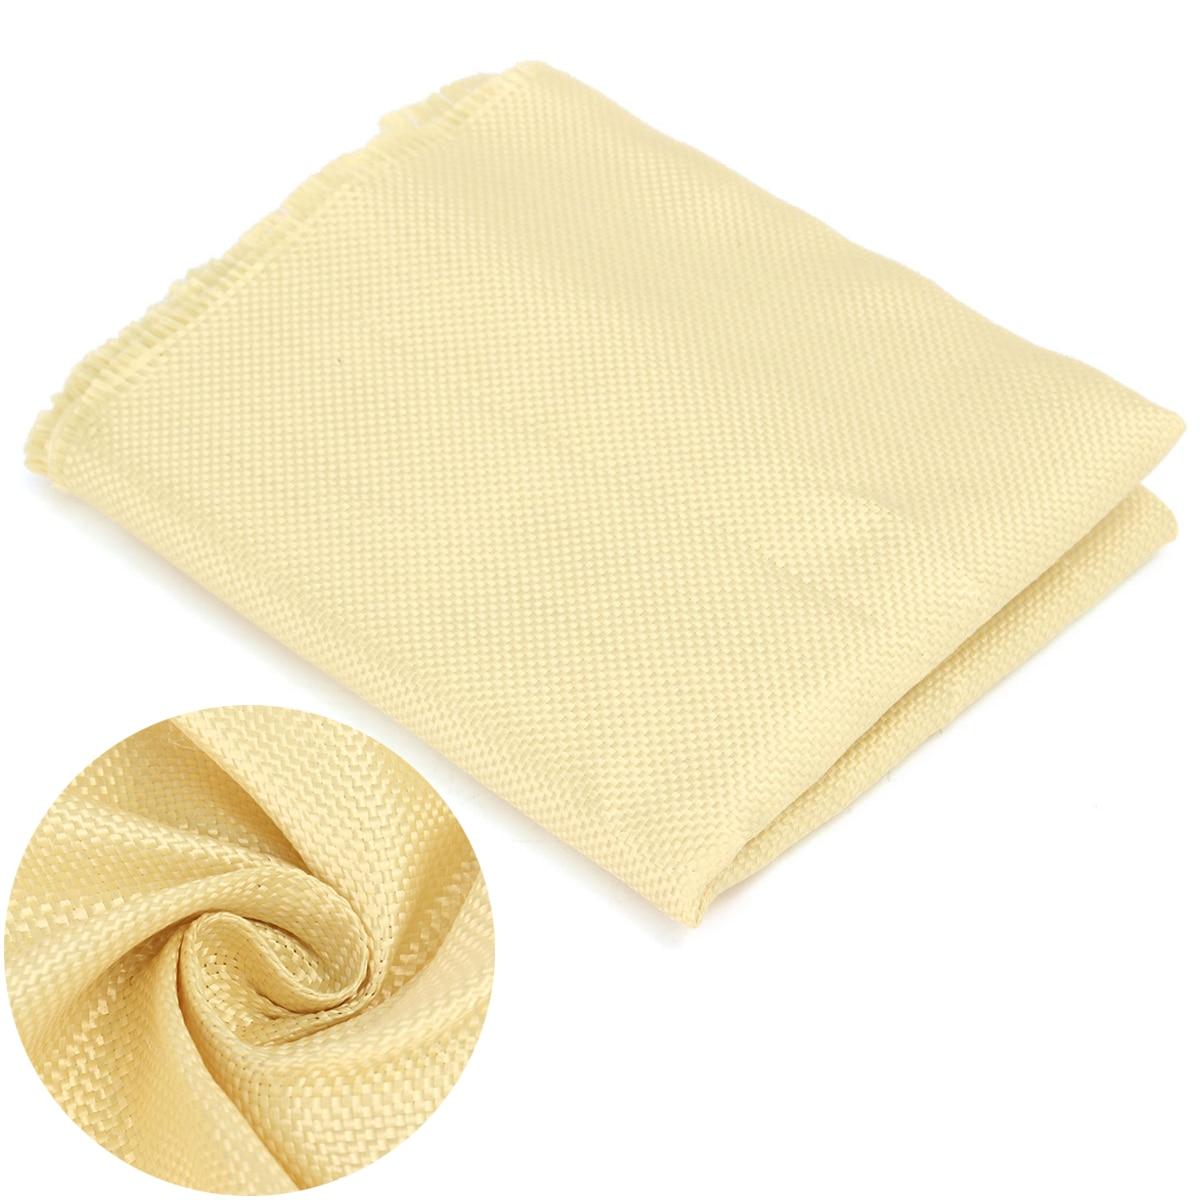 Novo 200gsm tecido kevlar fabric1100 dtex durável cor lisa amarelo aramida fibra pano mayitr diy costura artesanato 100cm * 30cm